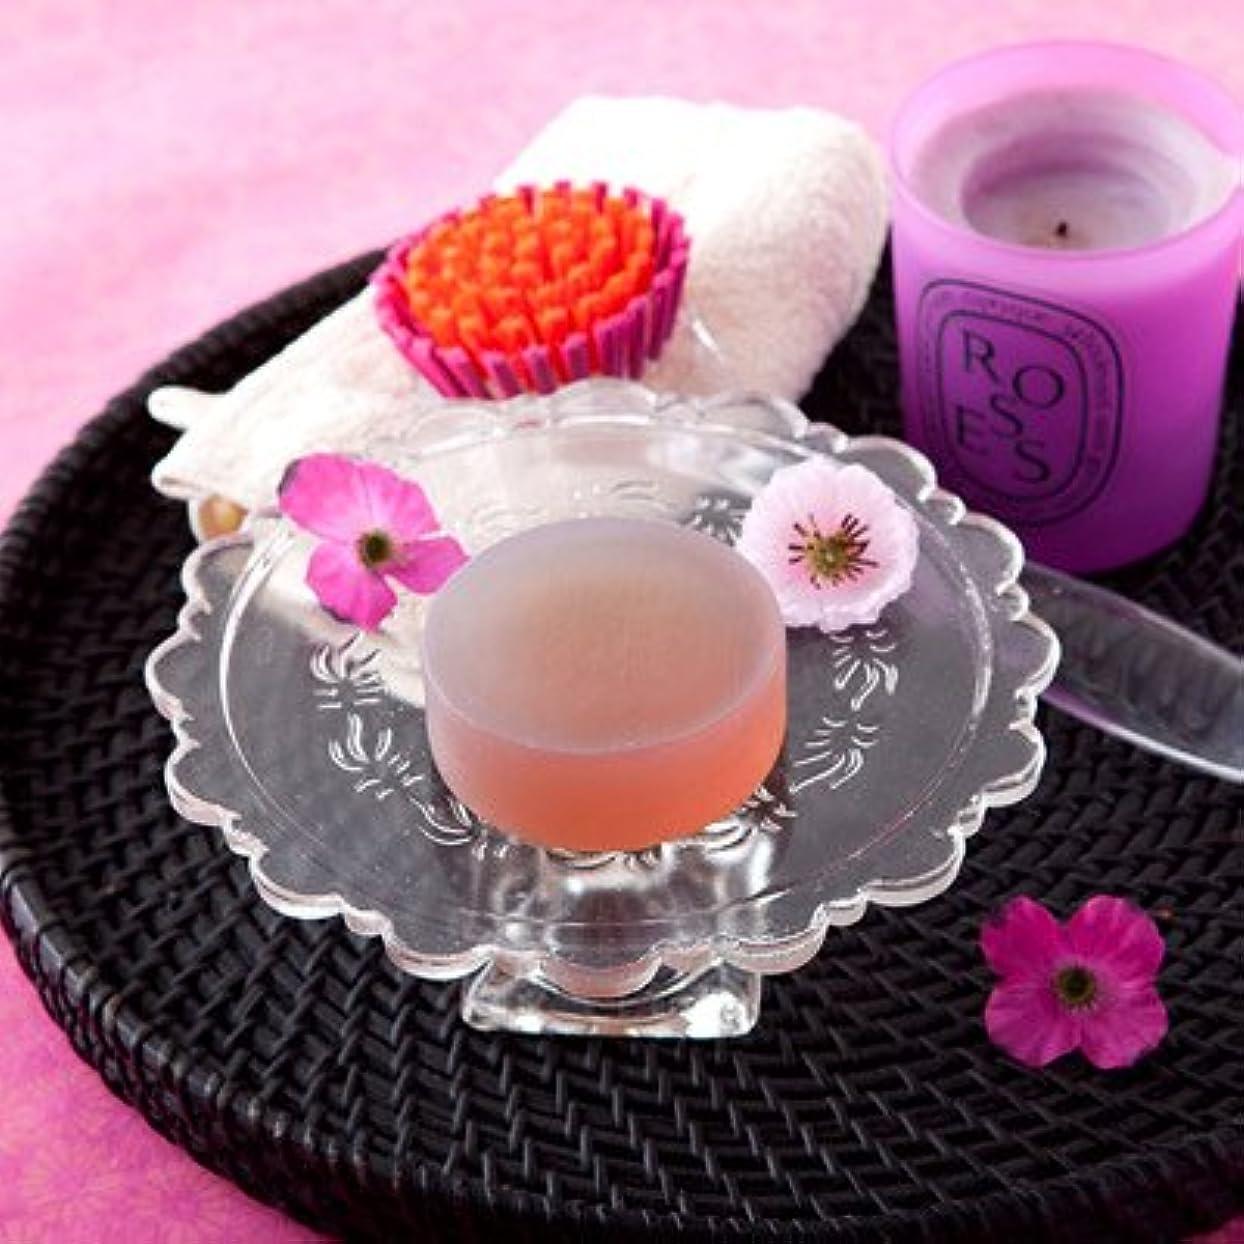 委任する見つける数値お肌の弱い方も安心なクリアソープセット ペアローザ エステソープ 紫潤(2個セット)